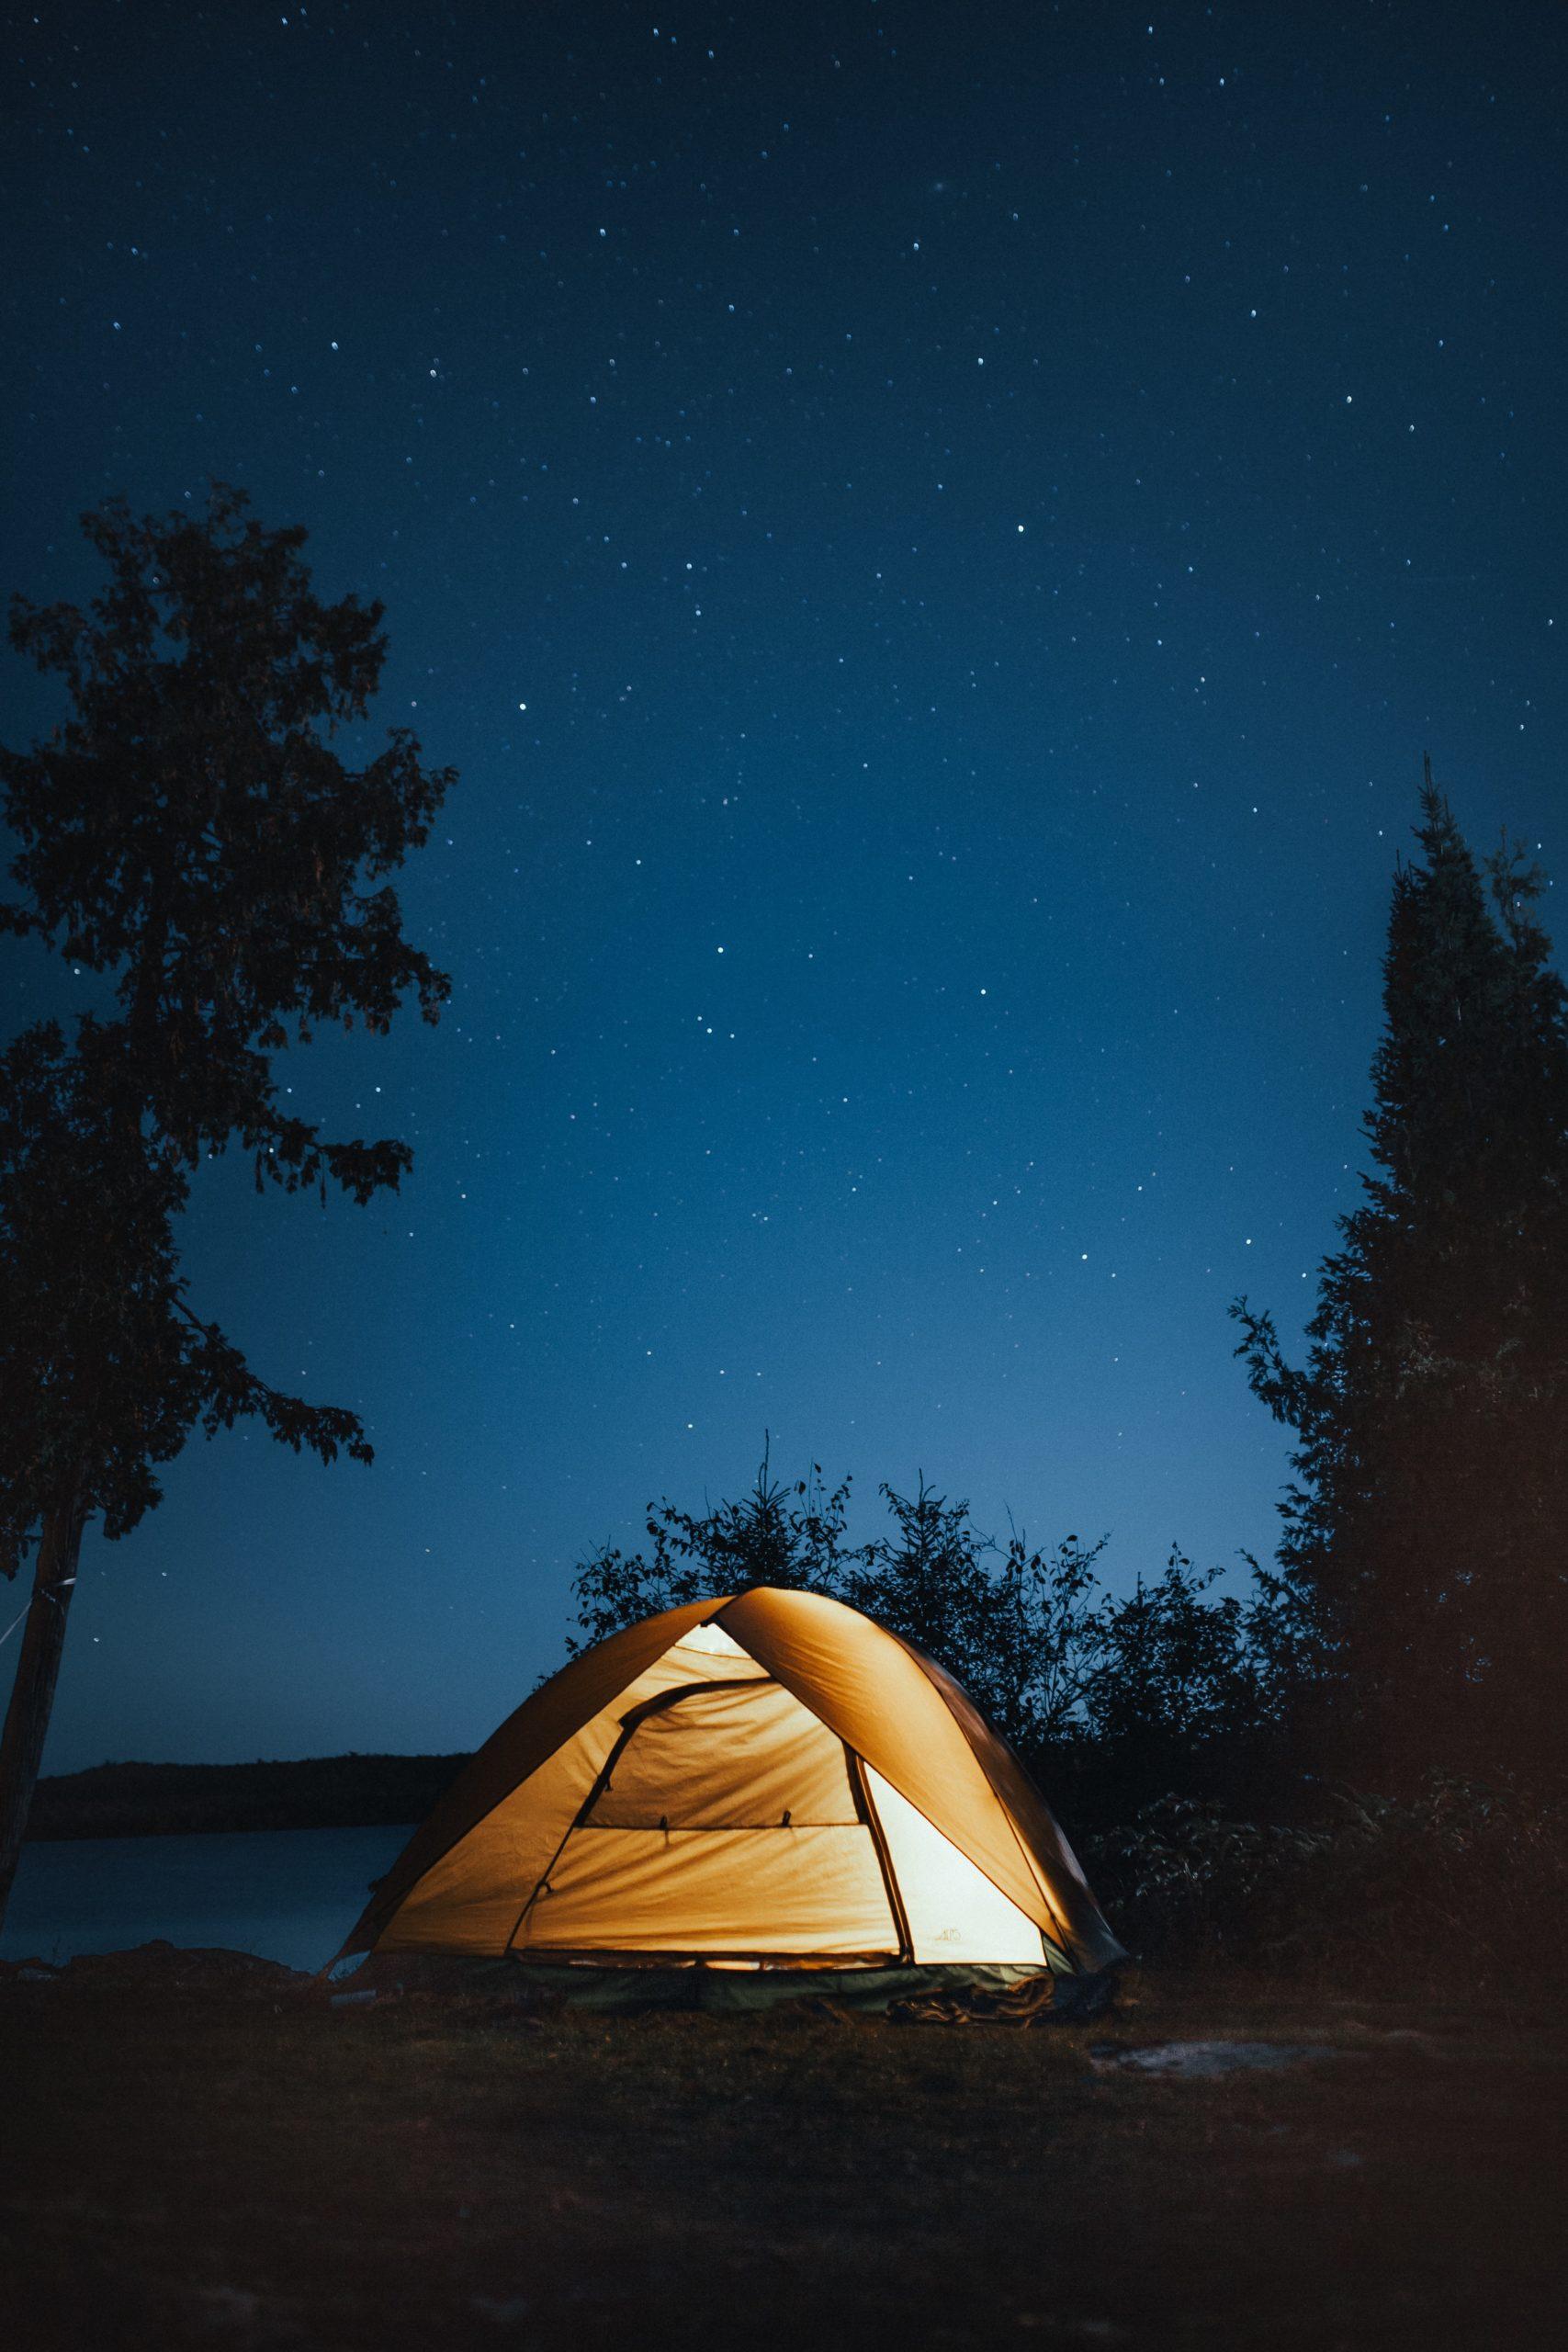 Les nuits en tente sont le meilleur moyen pour renouer avec notre rythme biologique.